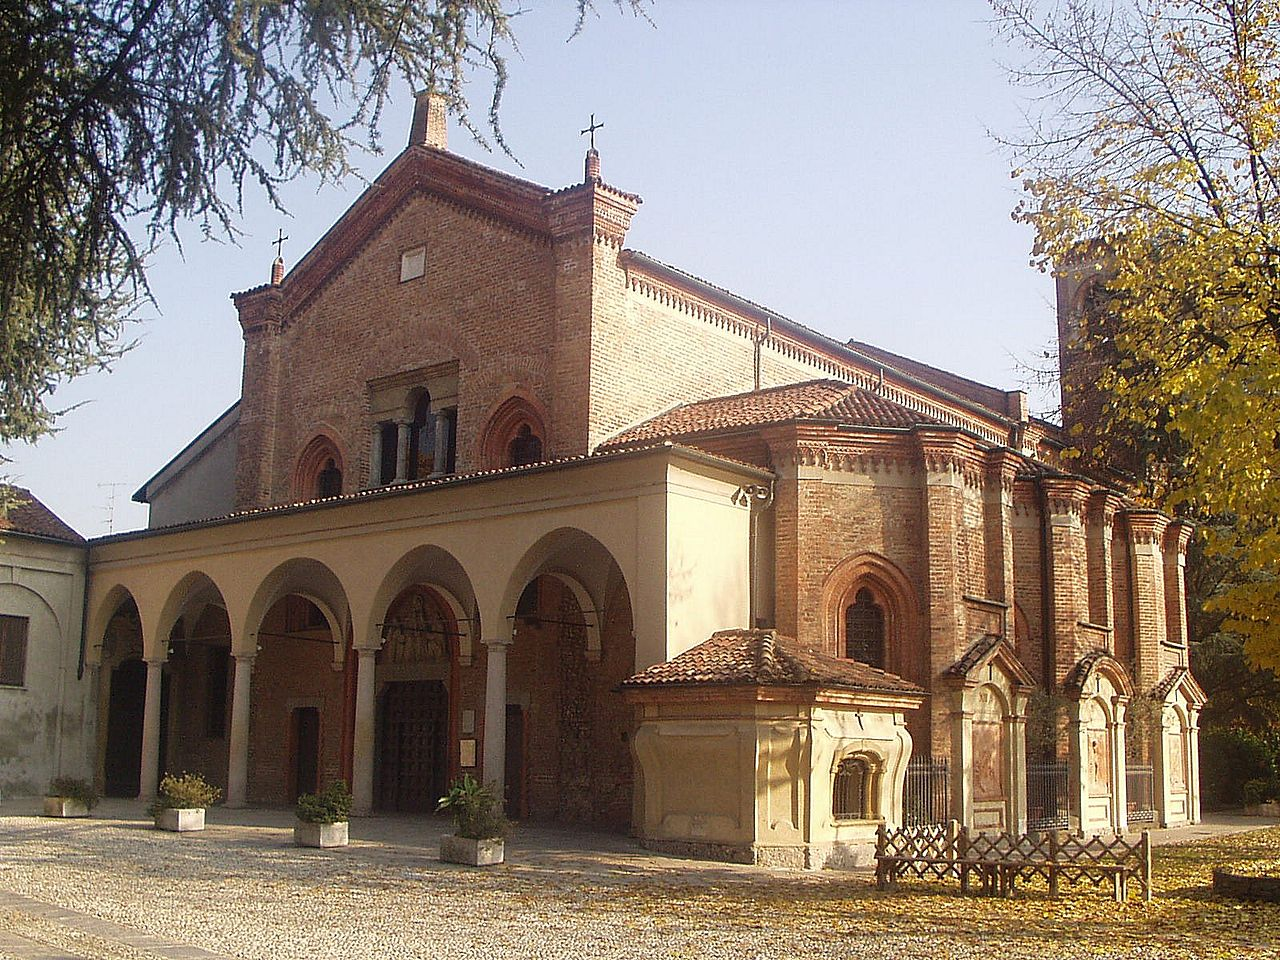 Santa Maria delle Grazie di Monza detta anche